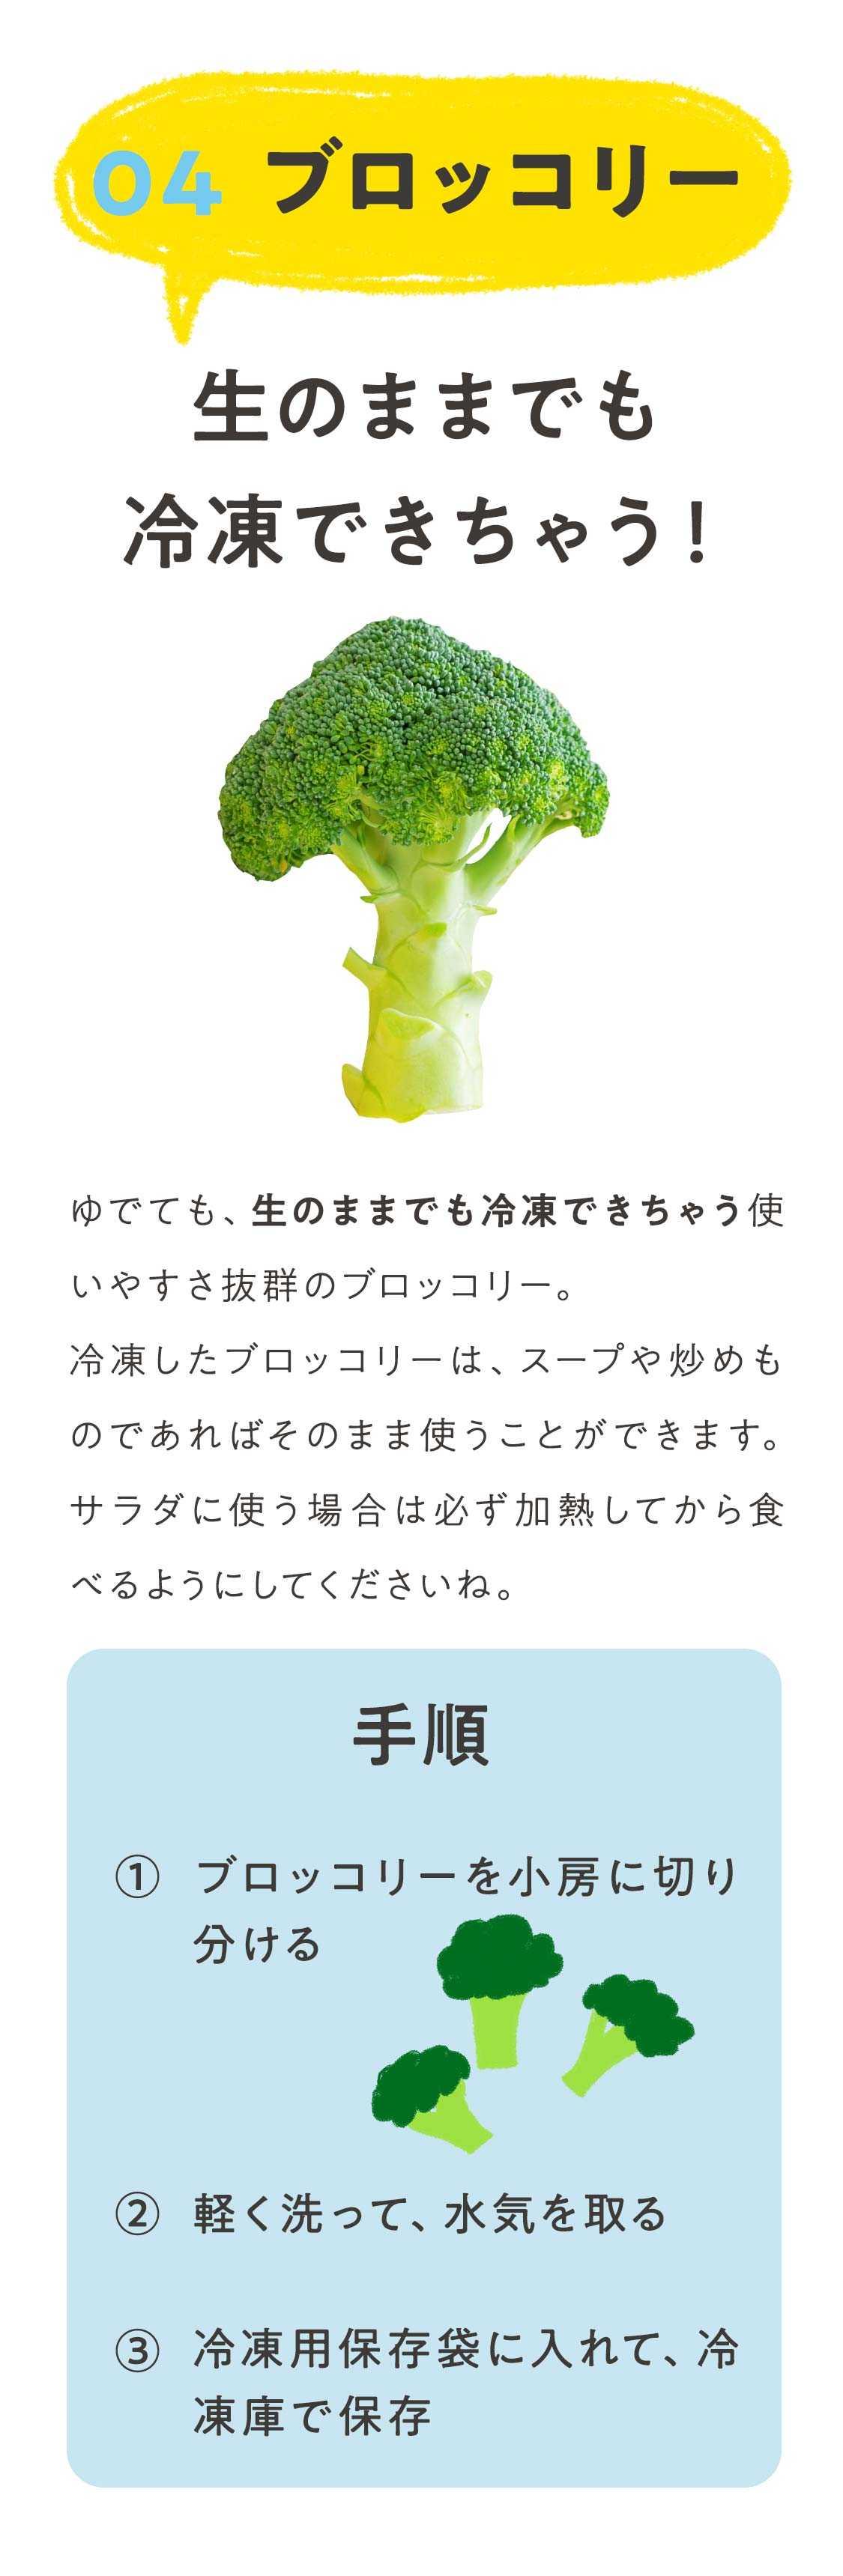 できない 野菜 冷凍